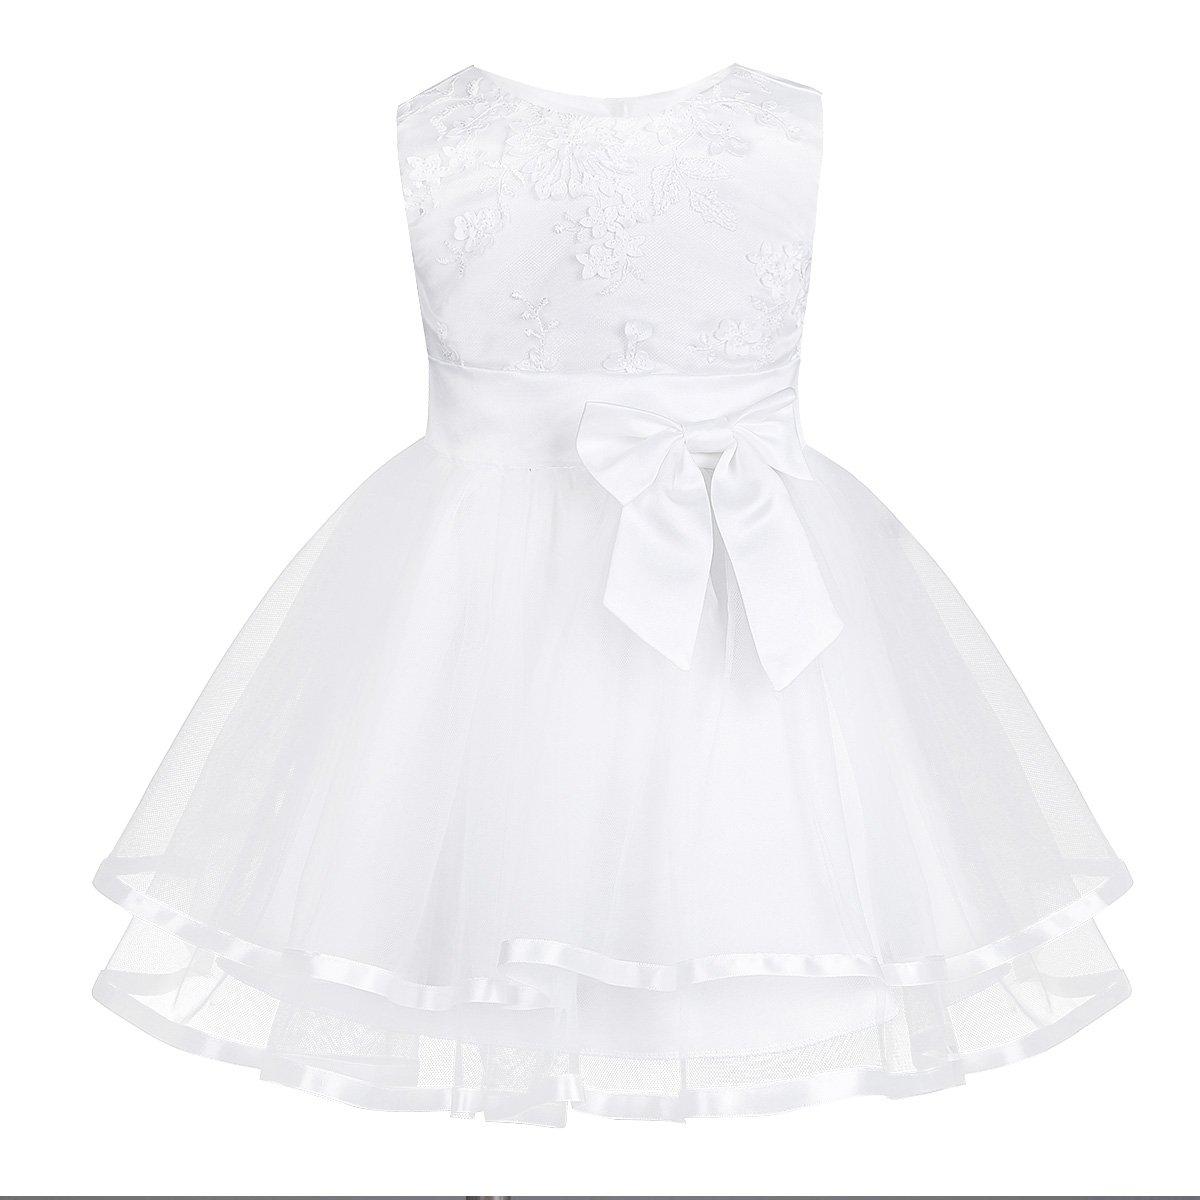 YIZYIF Vestido Blanco de Bautizo Fiesta Boda Ceremonia para Niñas Bebés 2PC Vestidos Infantil de Princesa Elegante: Amazon.es: Ropa y accesorios